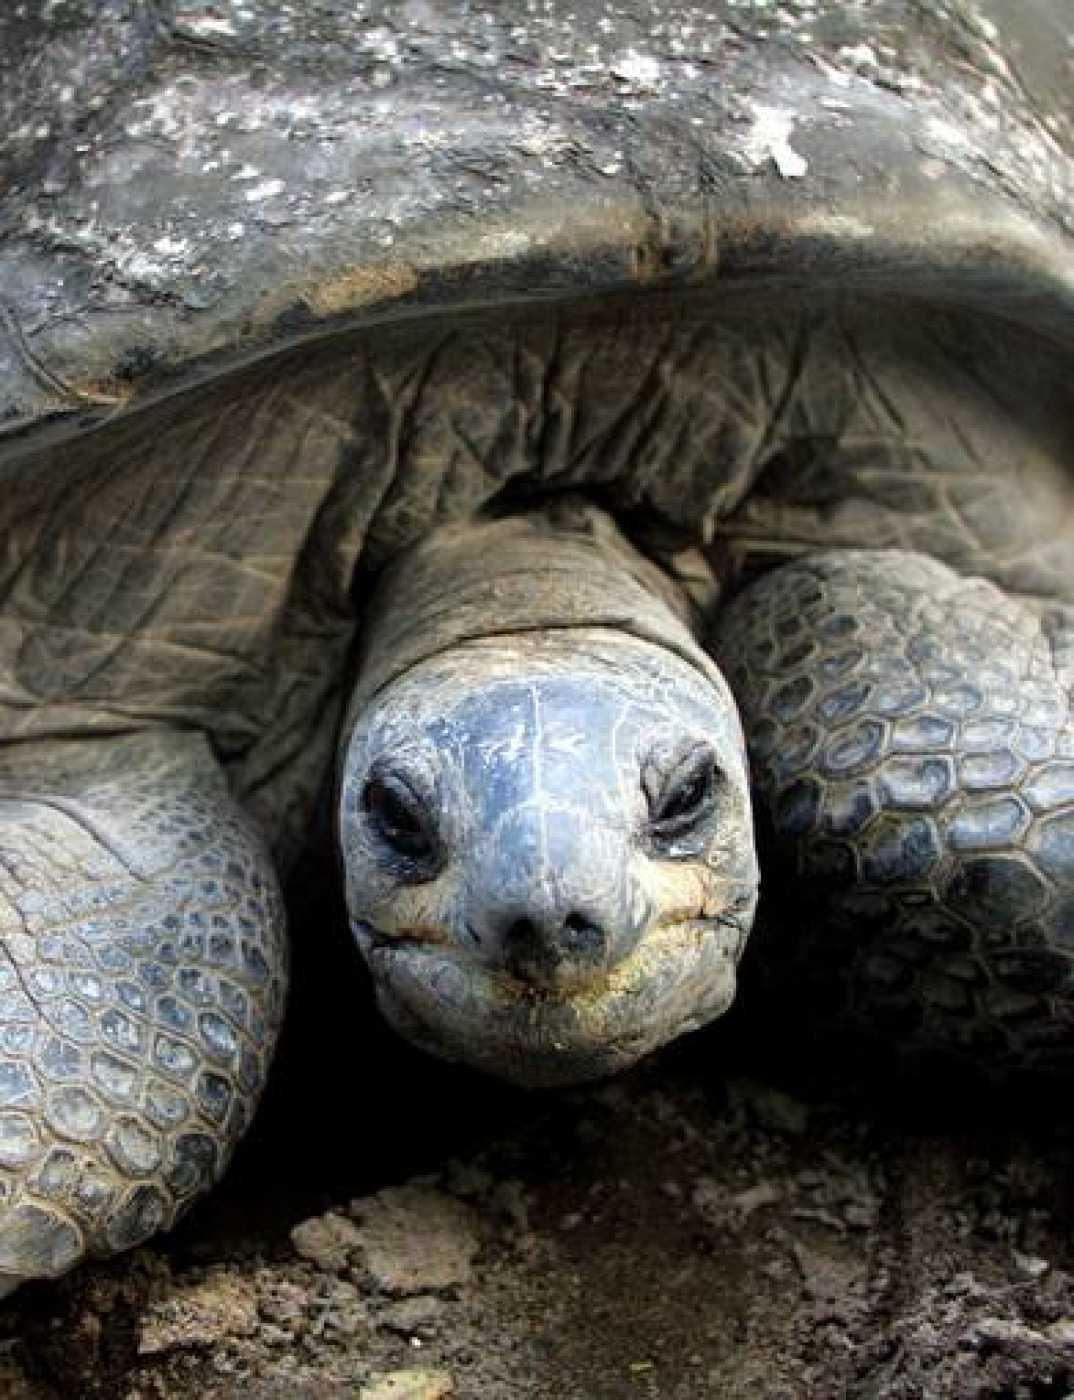 Una tortuga gigante de la actualidad, de las Seychelles y de 225 años